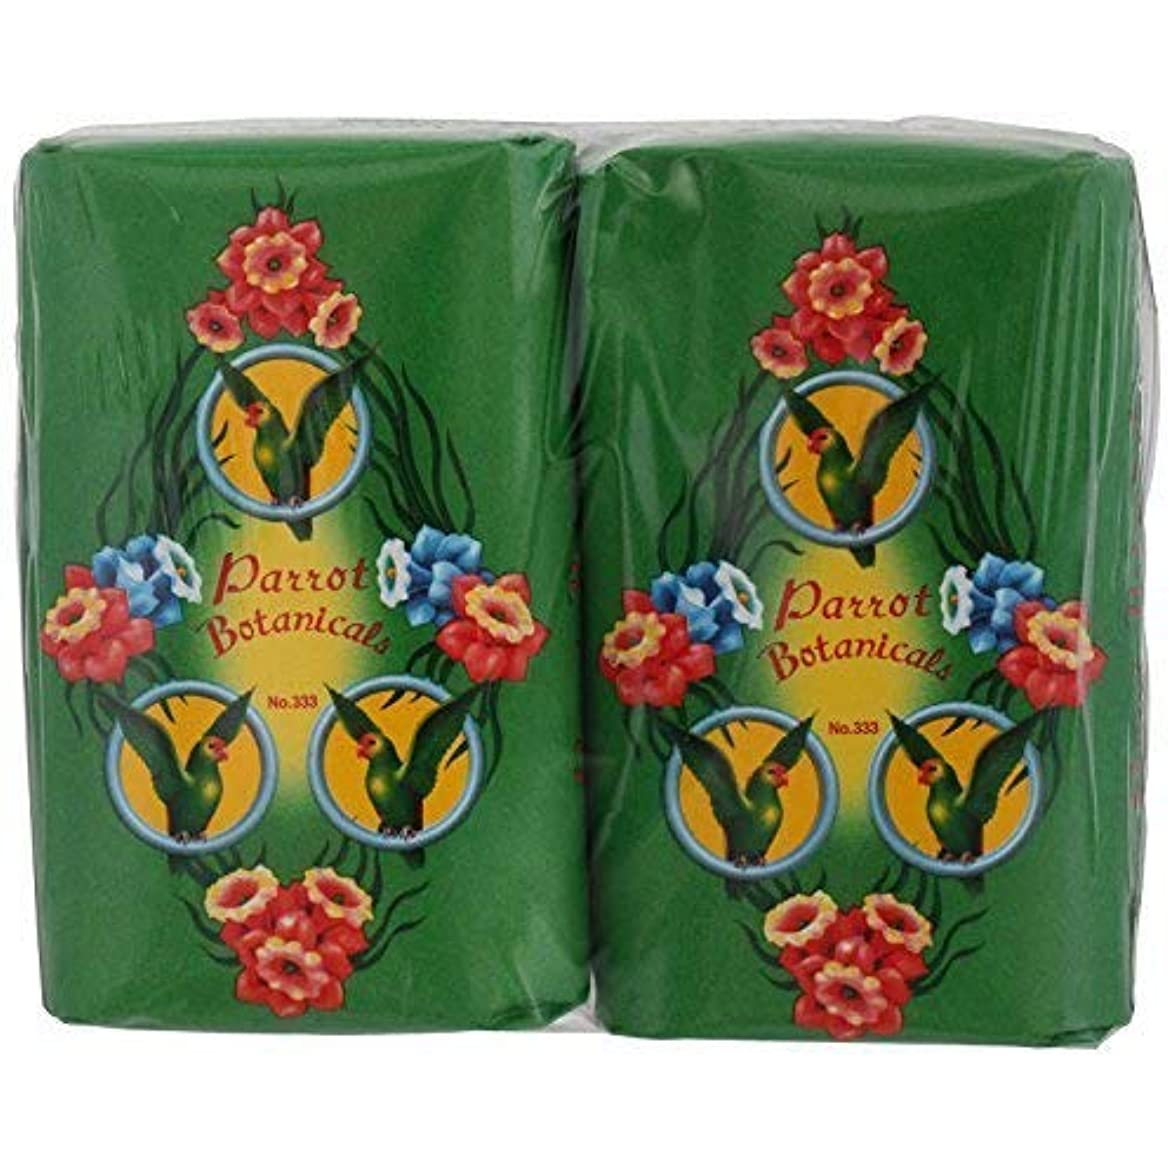 適応的休暇行進Rose Thai Smile Shop Parrot Botanicals Soap Green Long Last Fragrance 105 G (Pack of 4) Free Shipping